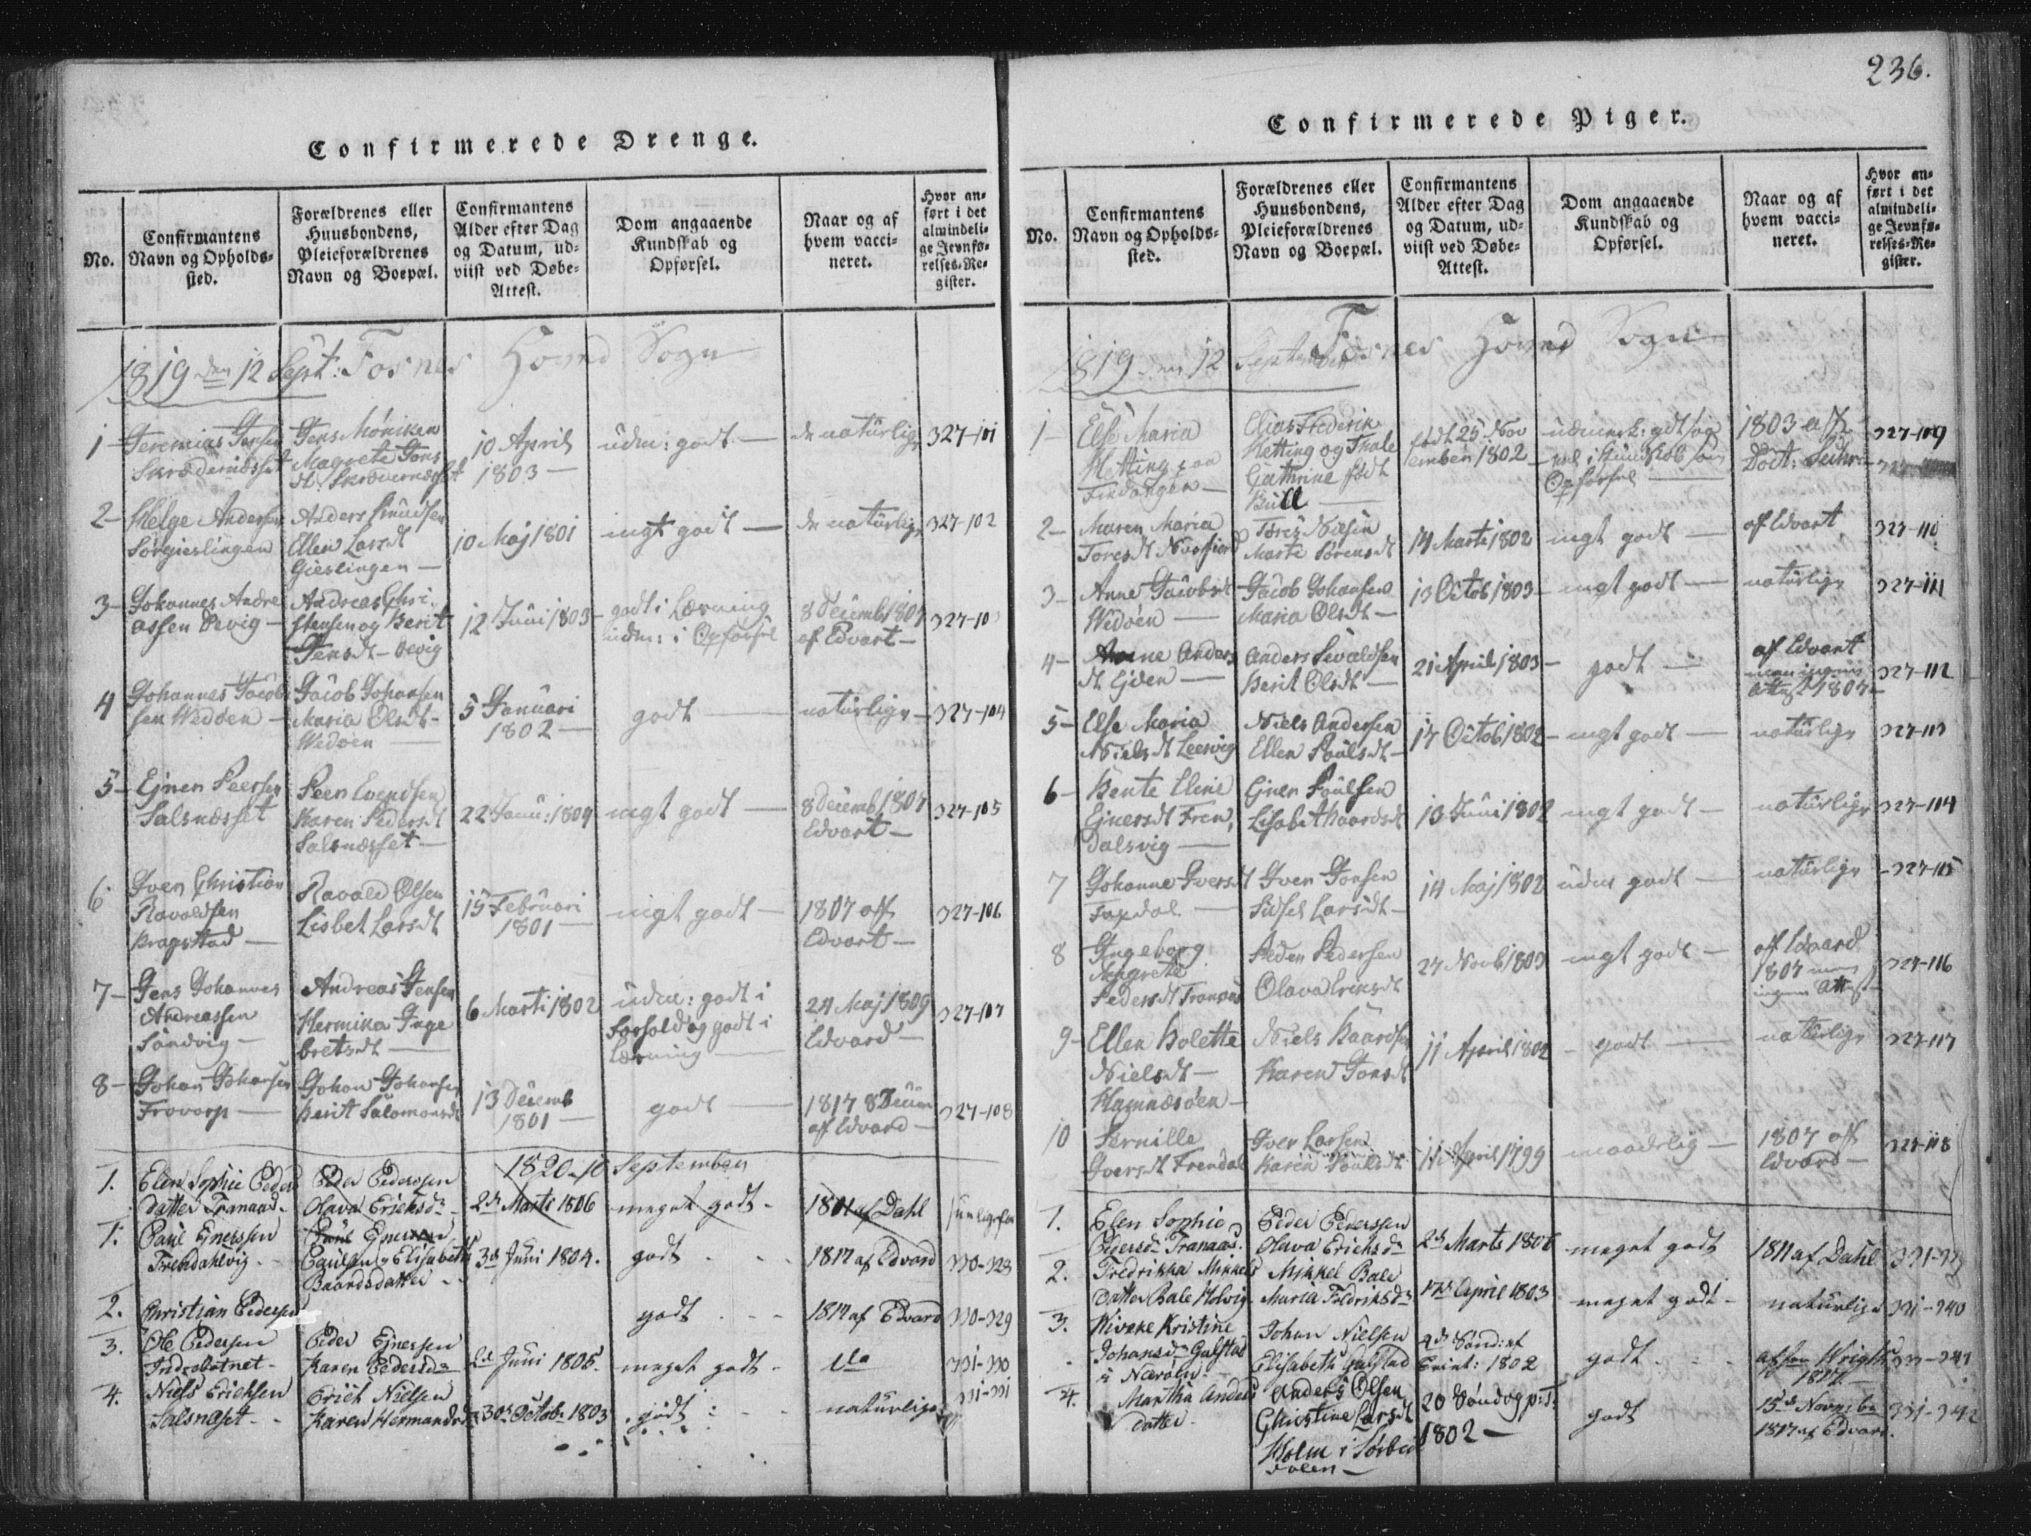 SAT, Ministerialprotokoller, klokkerbøker og fødselsregistre - Nord-Trøndelag, 773/L0609: Ministerialbok nr. 773A03 /1, 1815-1830, s. 236